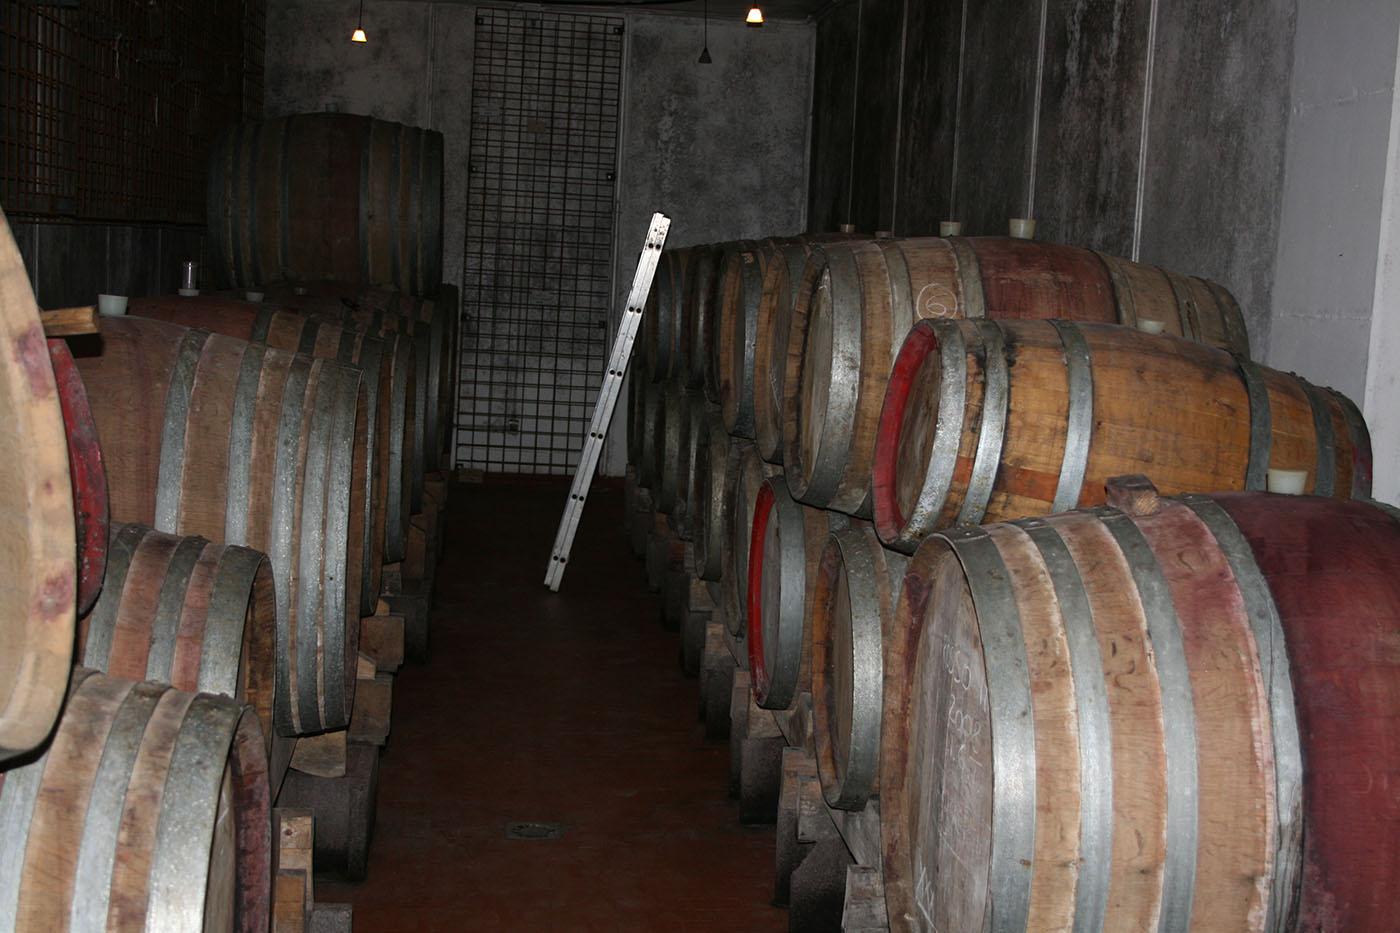 barriques at Massa Vecchia